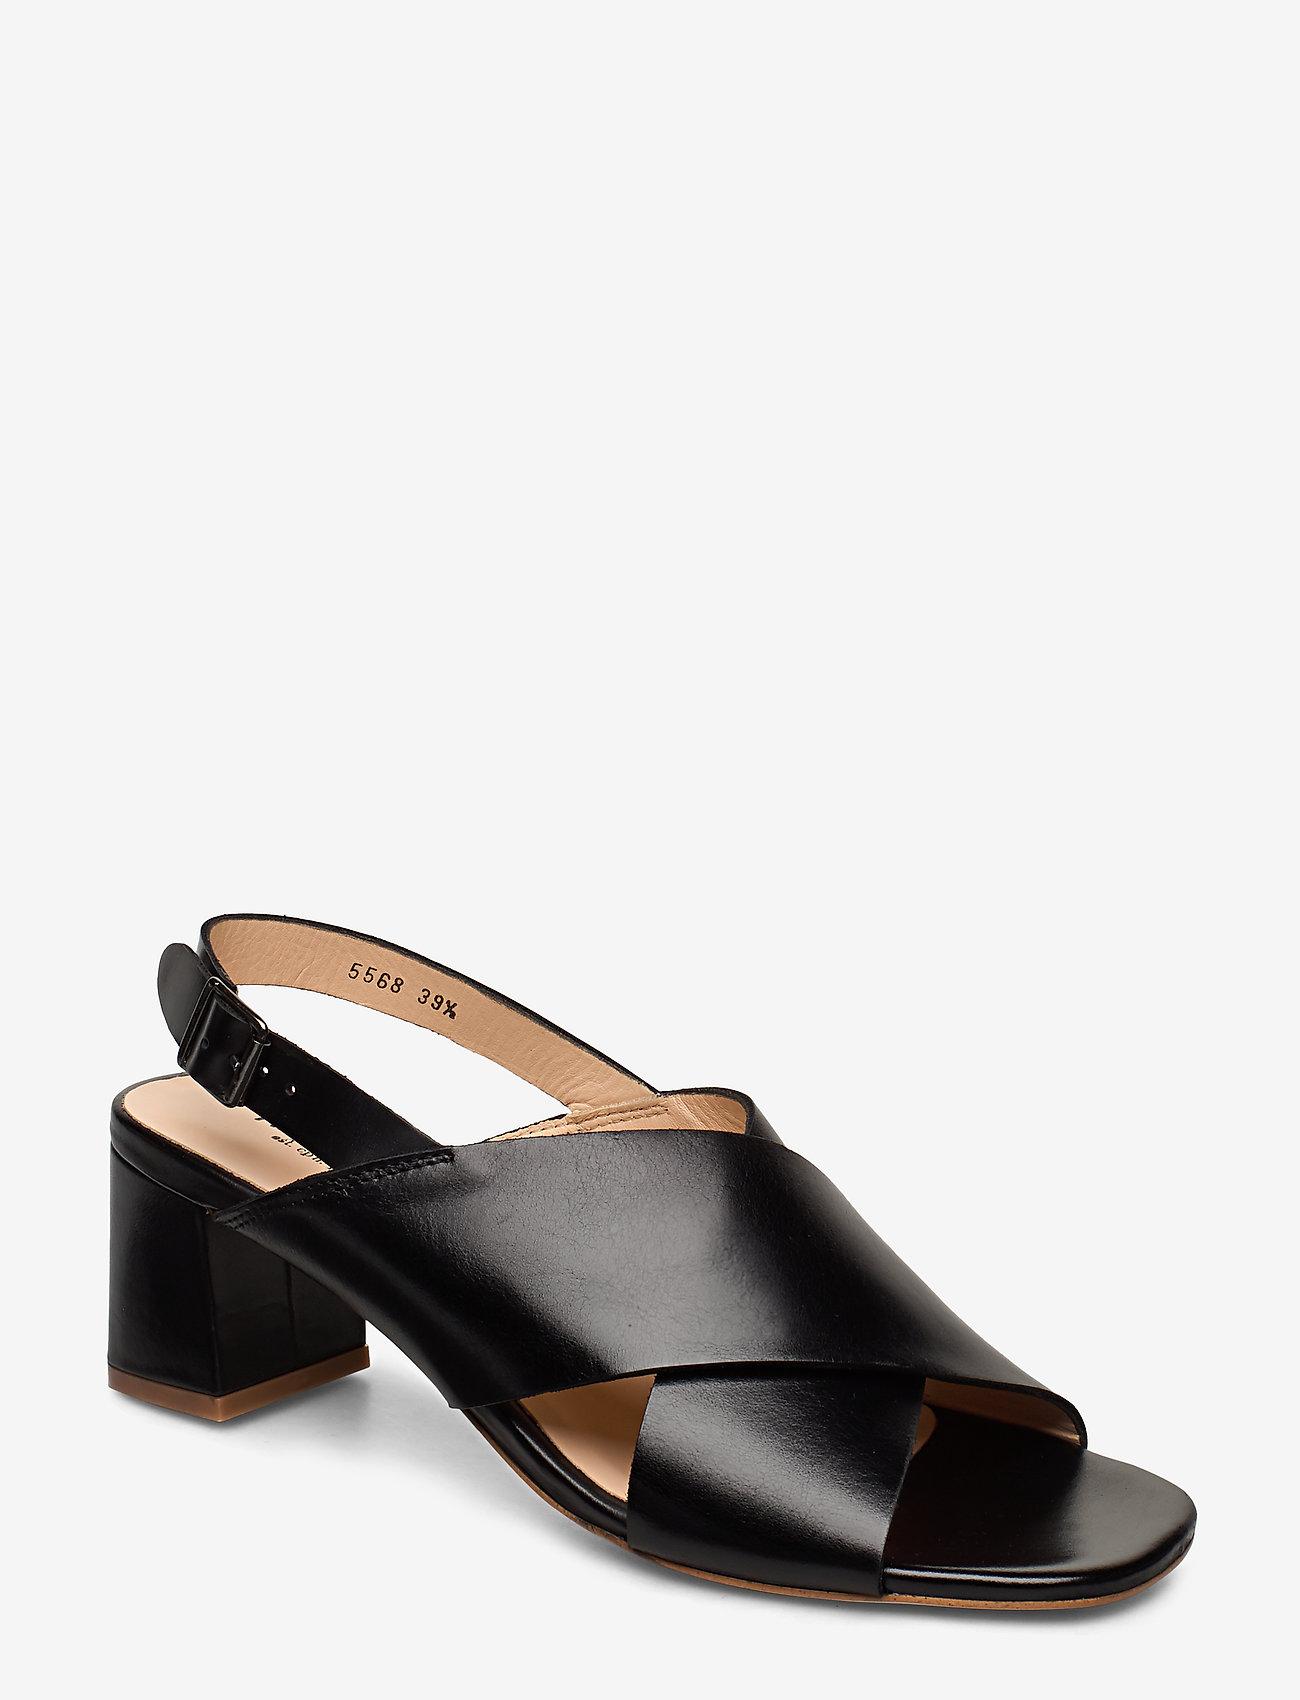 ANGULUS - Sandals - Block heels - sandalen mit absatz - 1835 black - 0